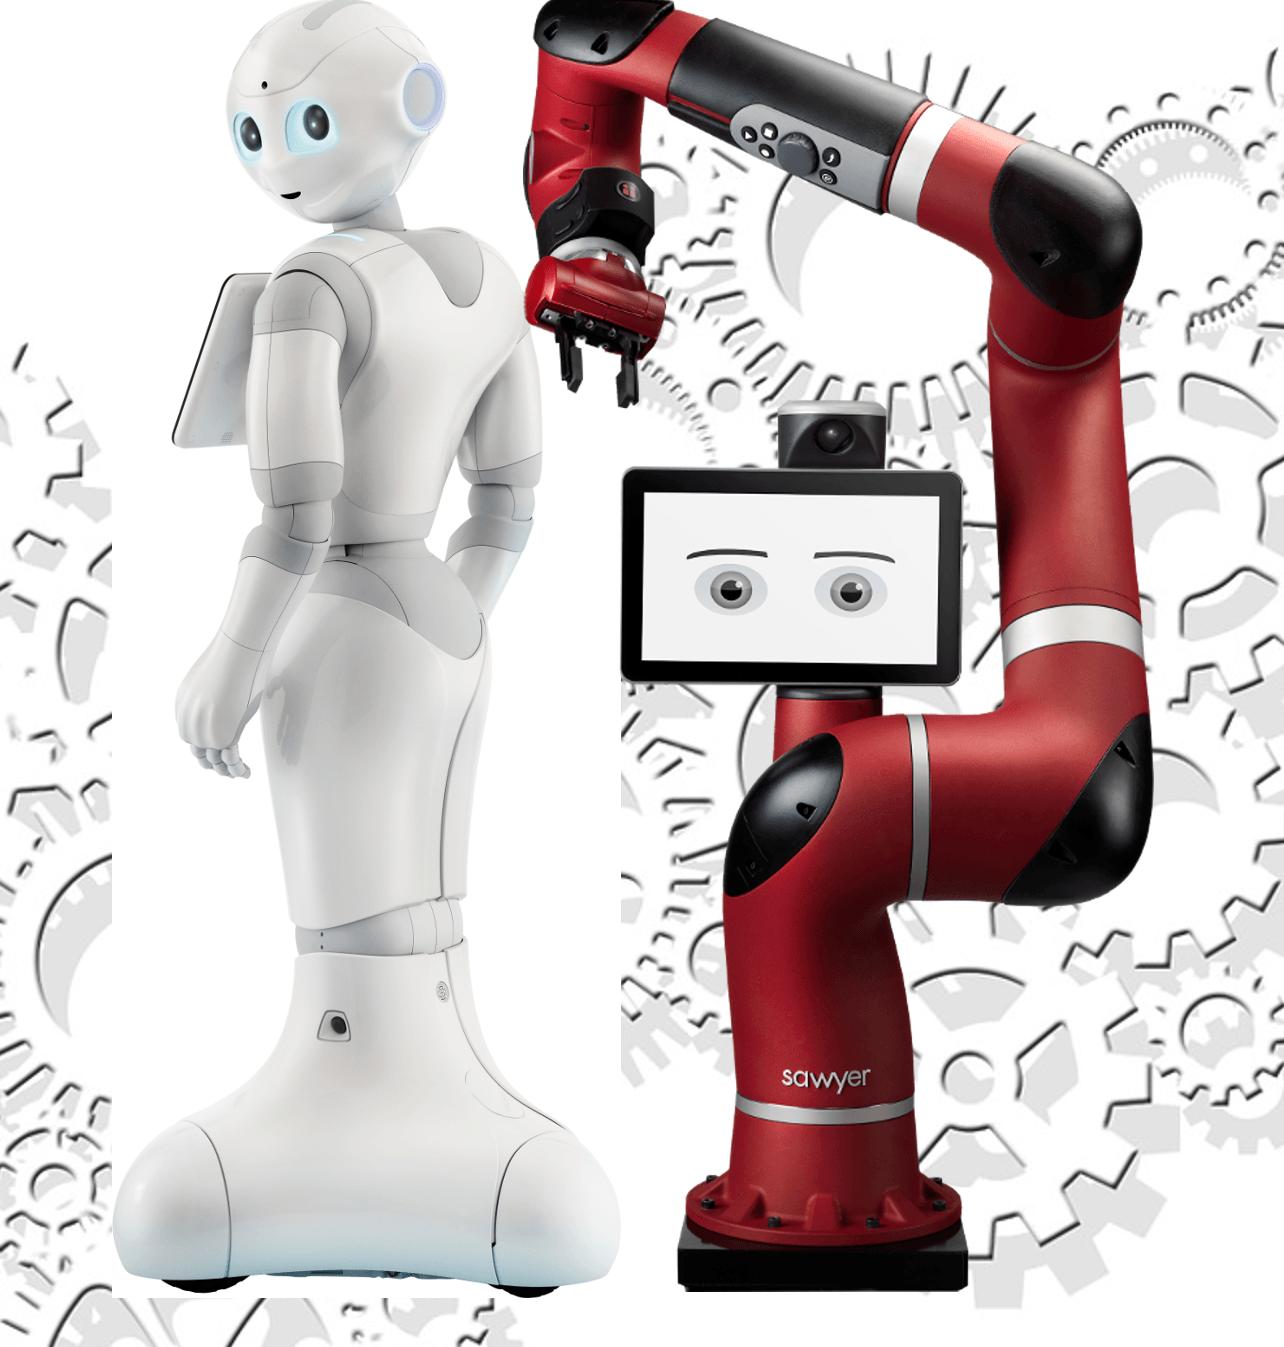 Les Robots Pepper et Sawyer